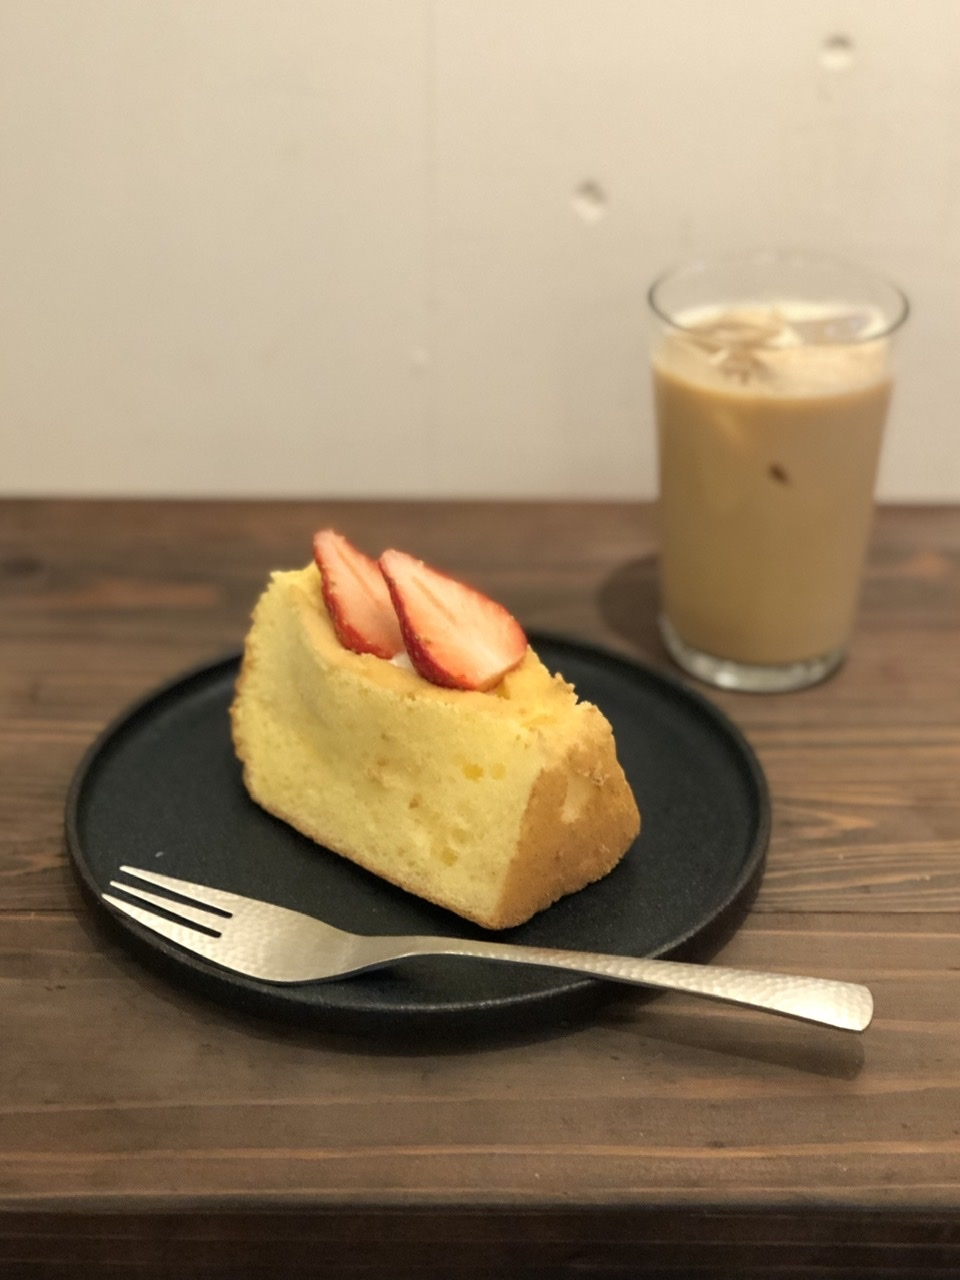 【〜あなたはどこにフォーカスしますか〜】polepoleの''オレンジピールとくるみのケーキ''お気に入りのスージークーパーで♡_a0157409_15113850.jpeg